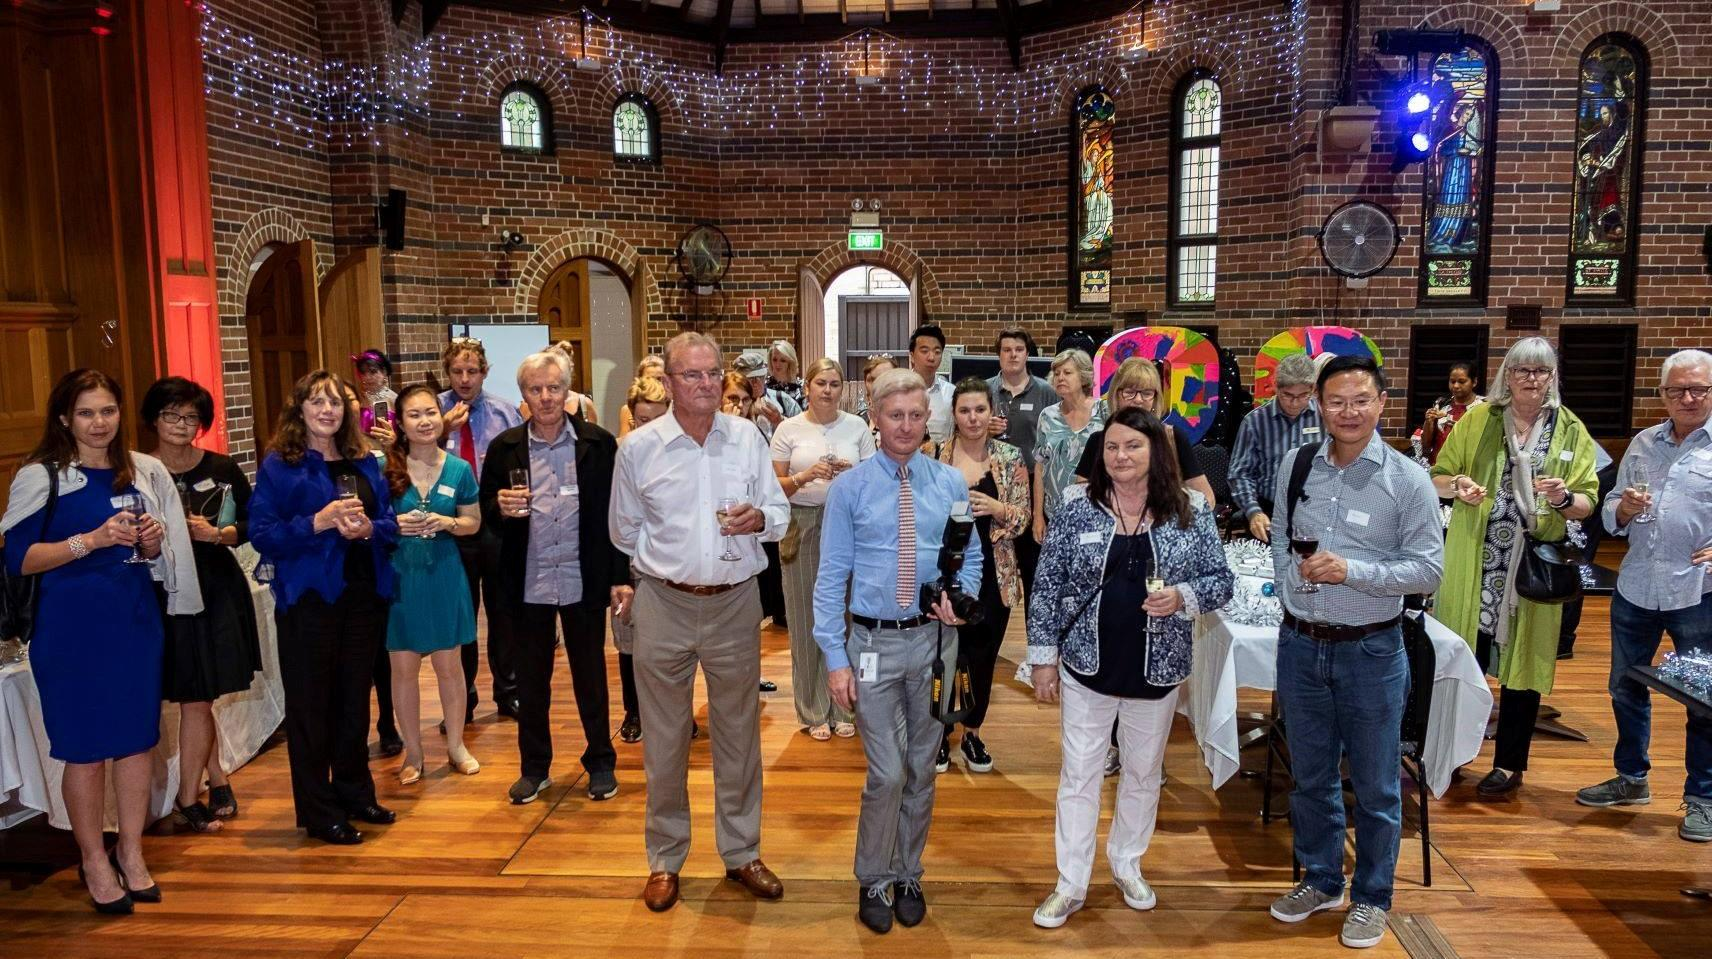 Mosman Chamber 2019 Christmas Party